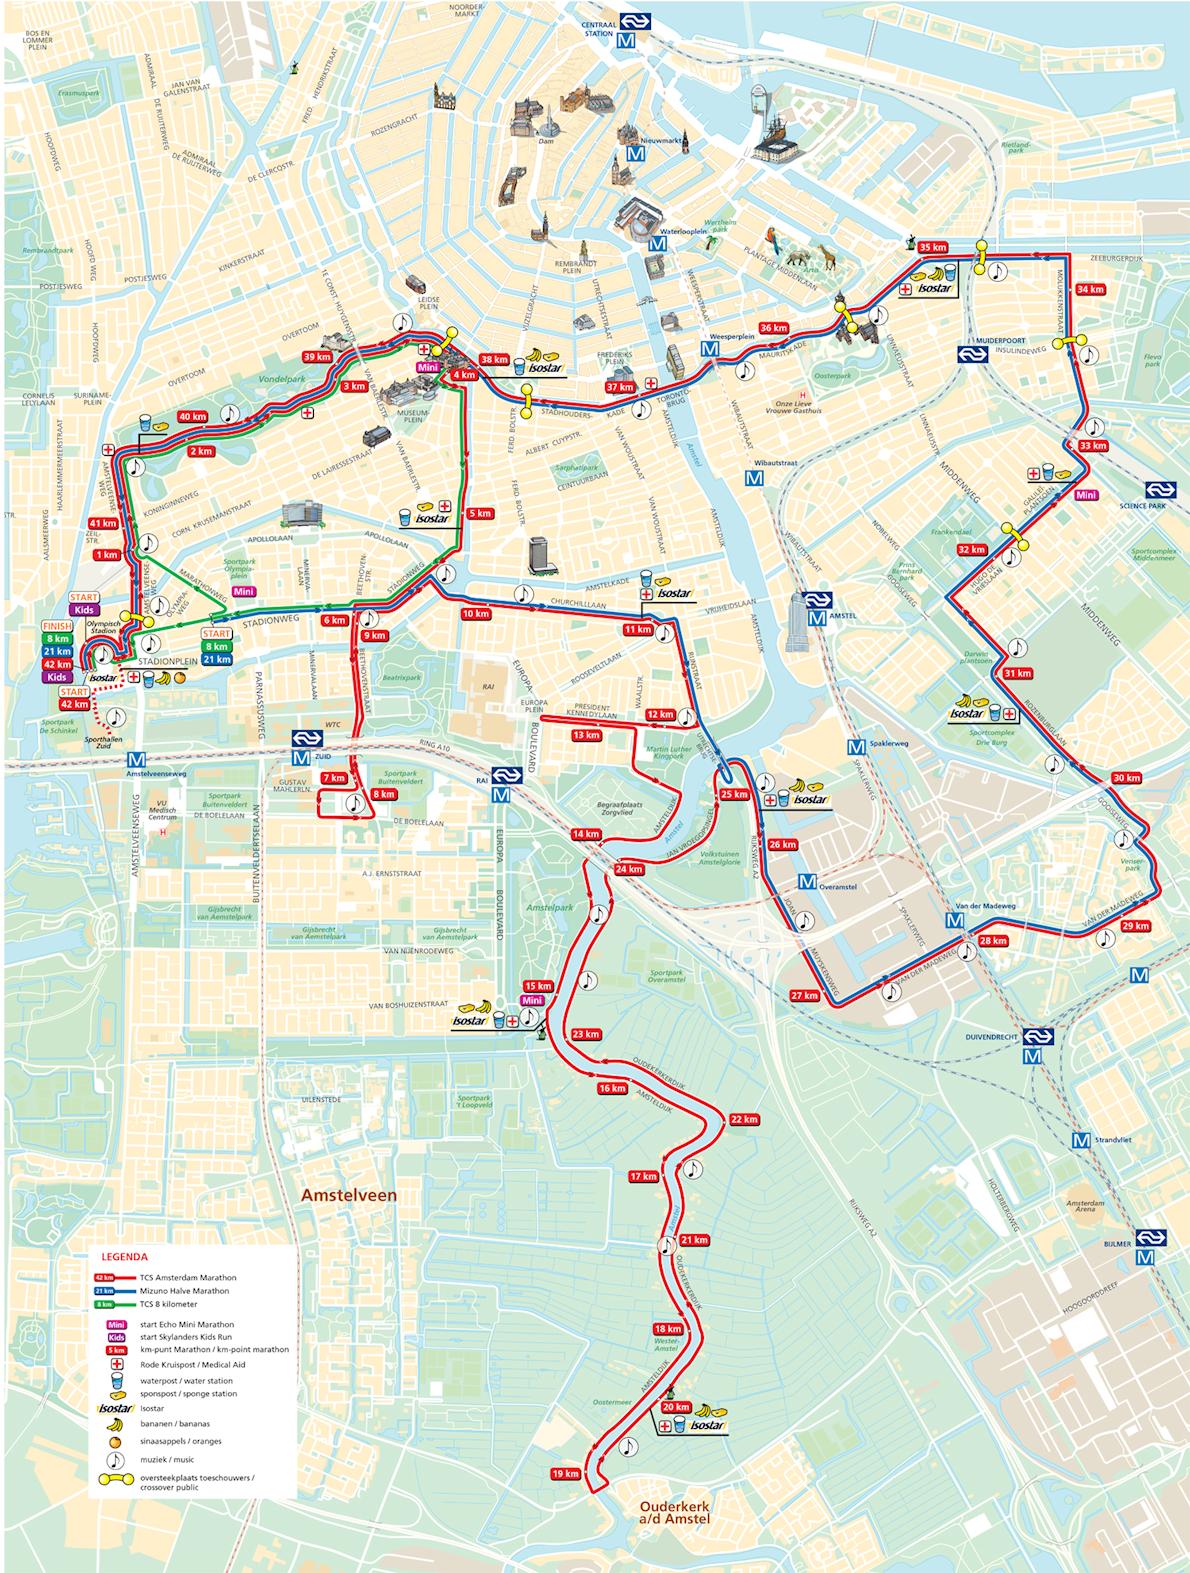 TCS Amsterdam Marathon Mappa del percorso